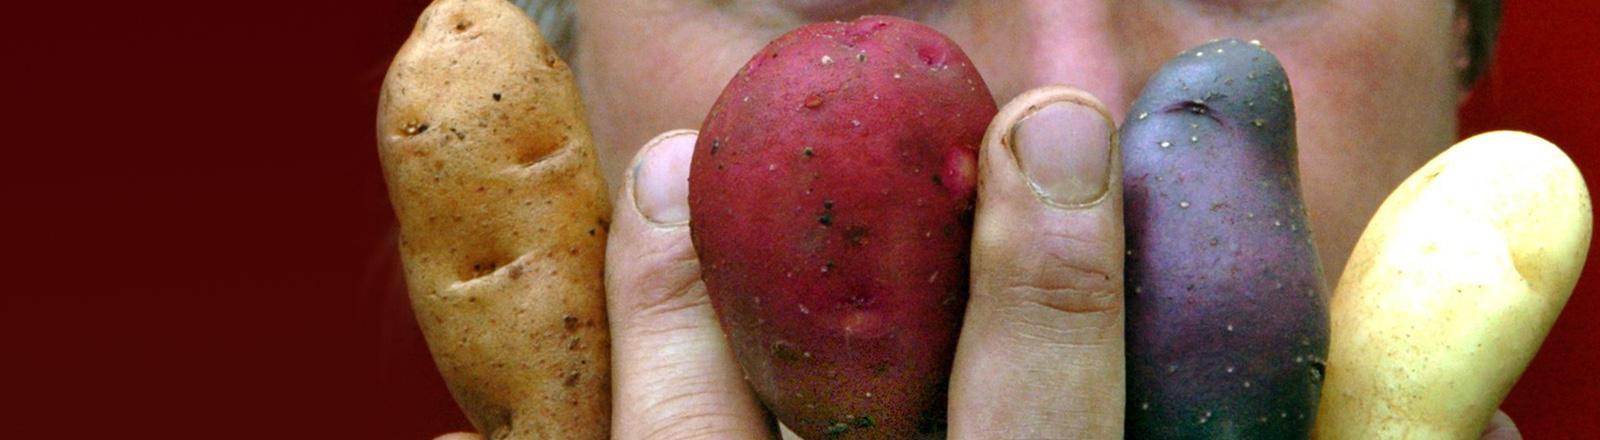 Zwischen seinen Fingern hält ein Mann vier Kartoffeln hoch, in gelb, rot, blau und grün